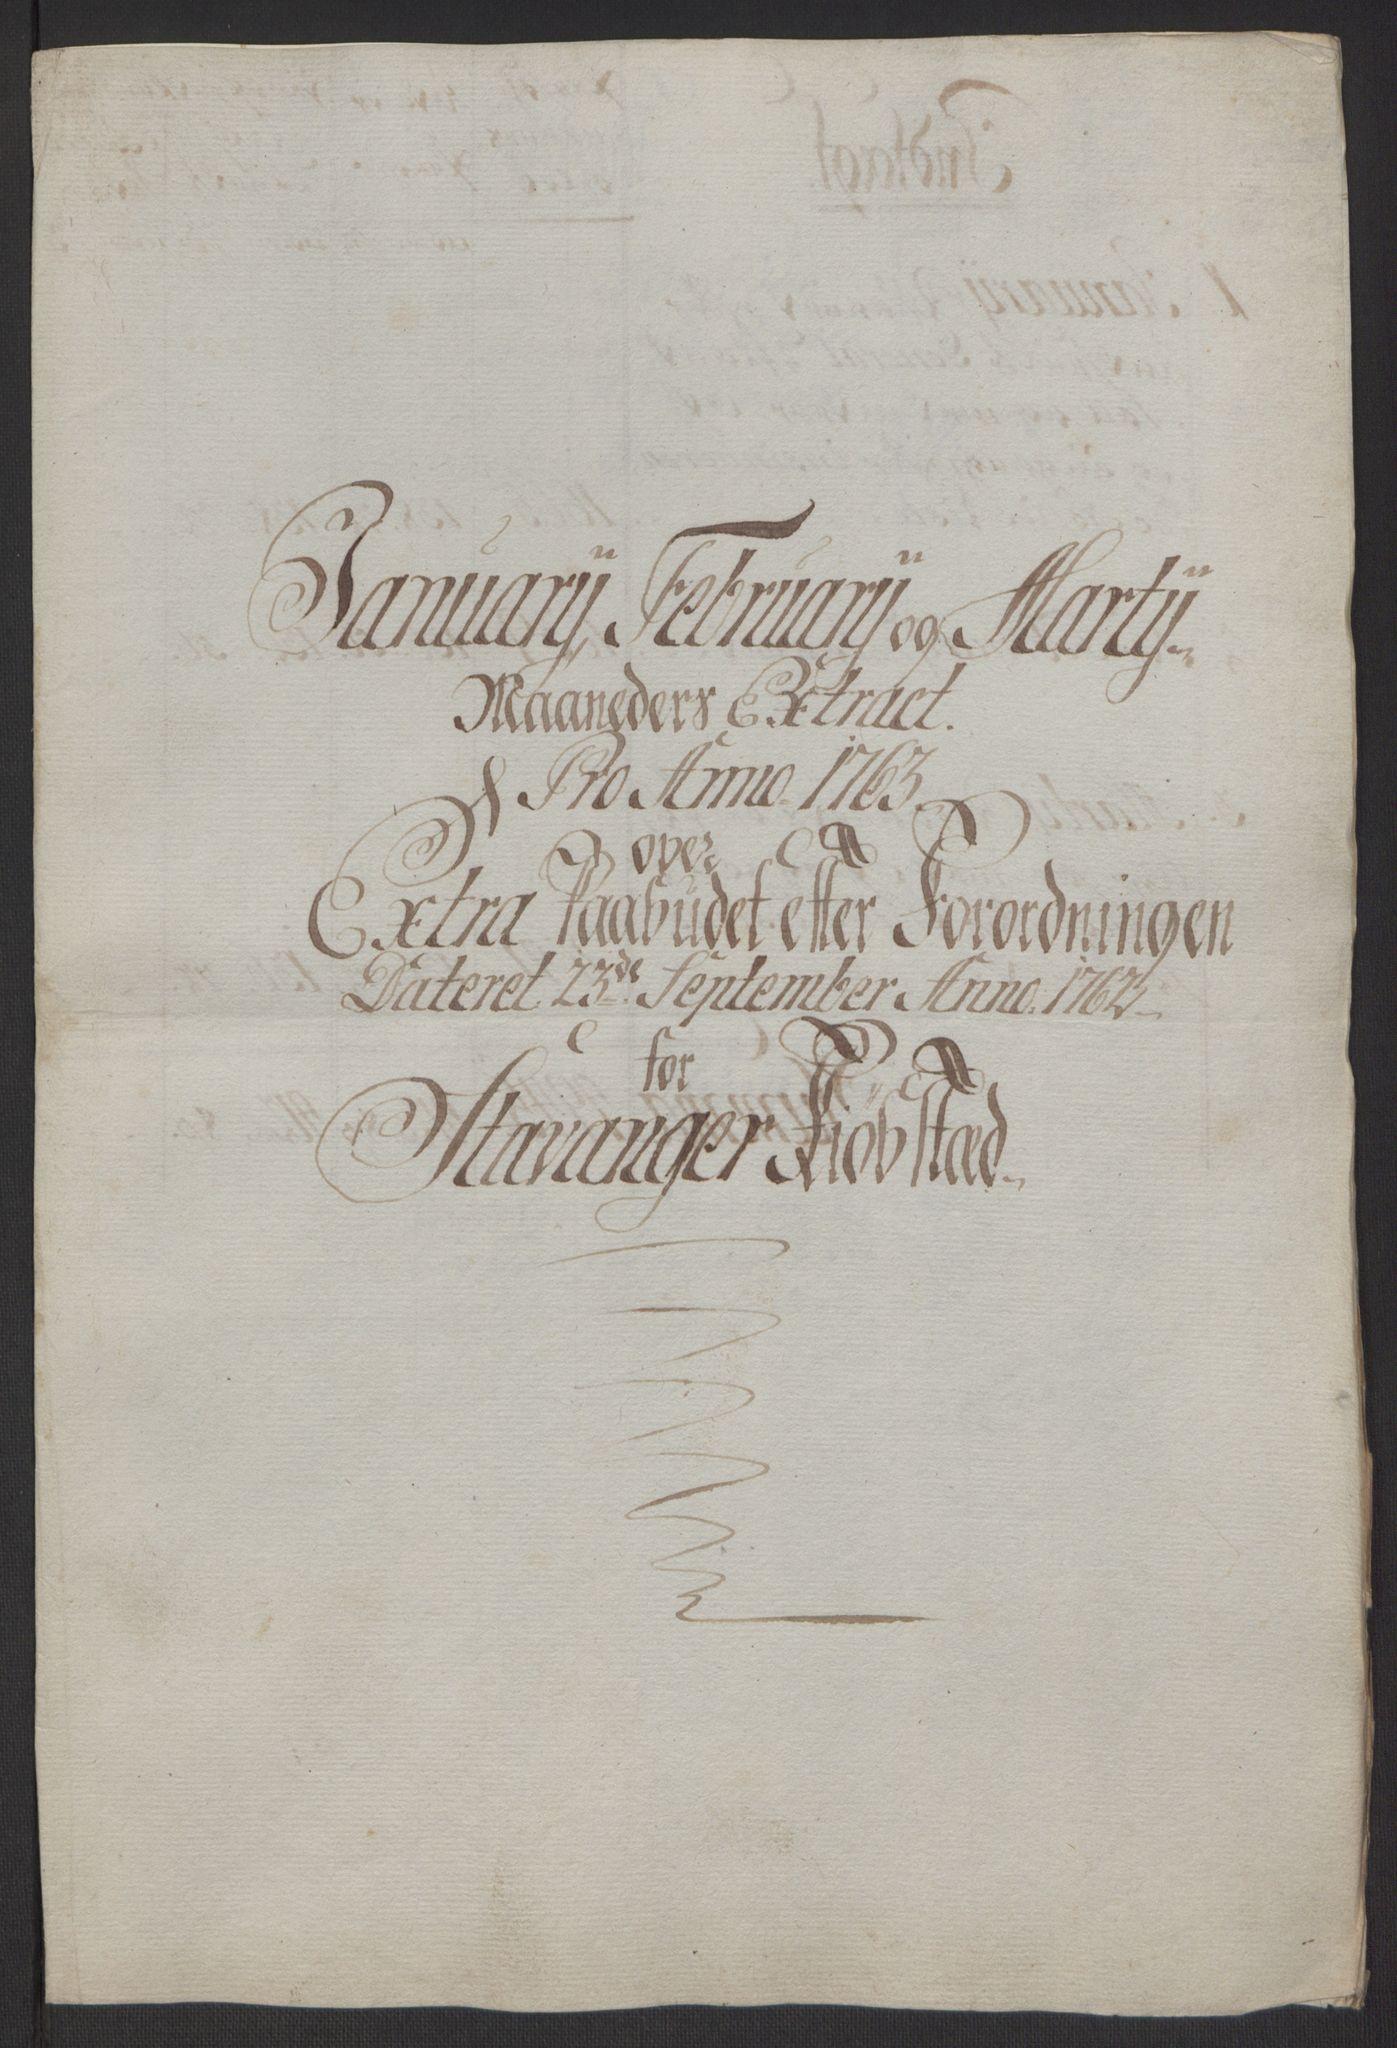 RA, Rentekammeret inntil 1814, Reviderte regnskaper, Byregnskaper, R/Ro/L0305: [O6] Kontribusjonsregnskap, 1762-1768, s. 18